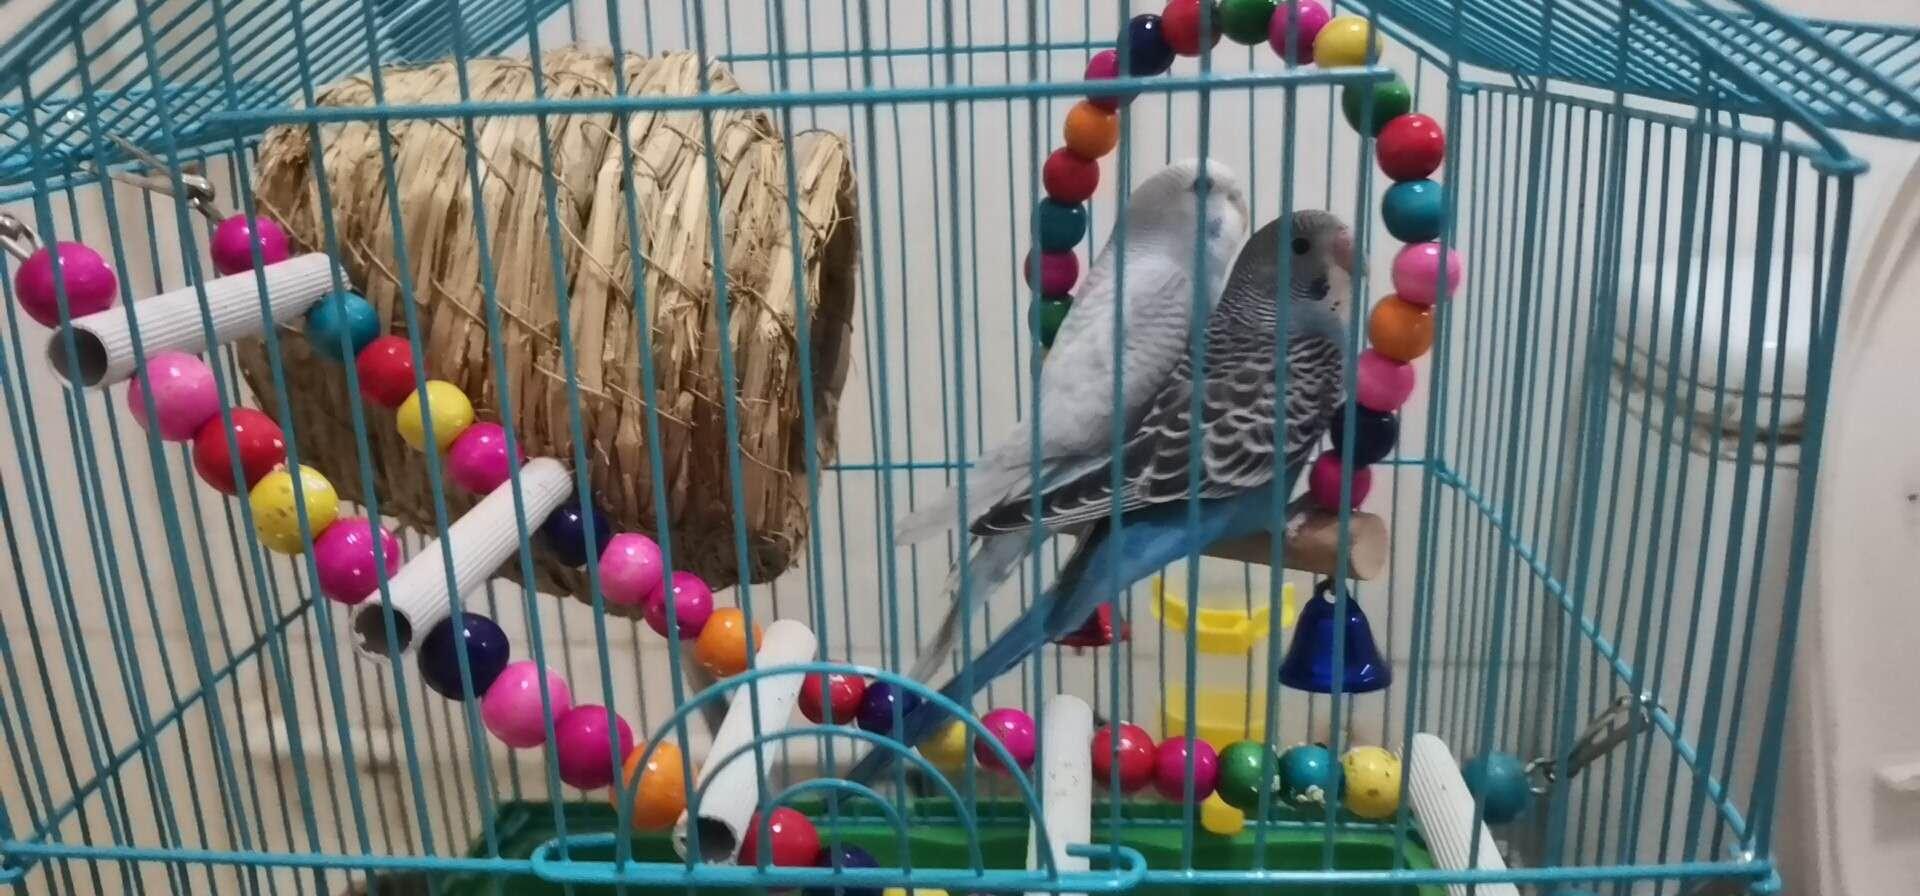 虎皮鹦鹉3个月大出售